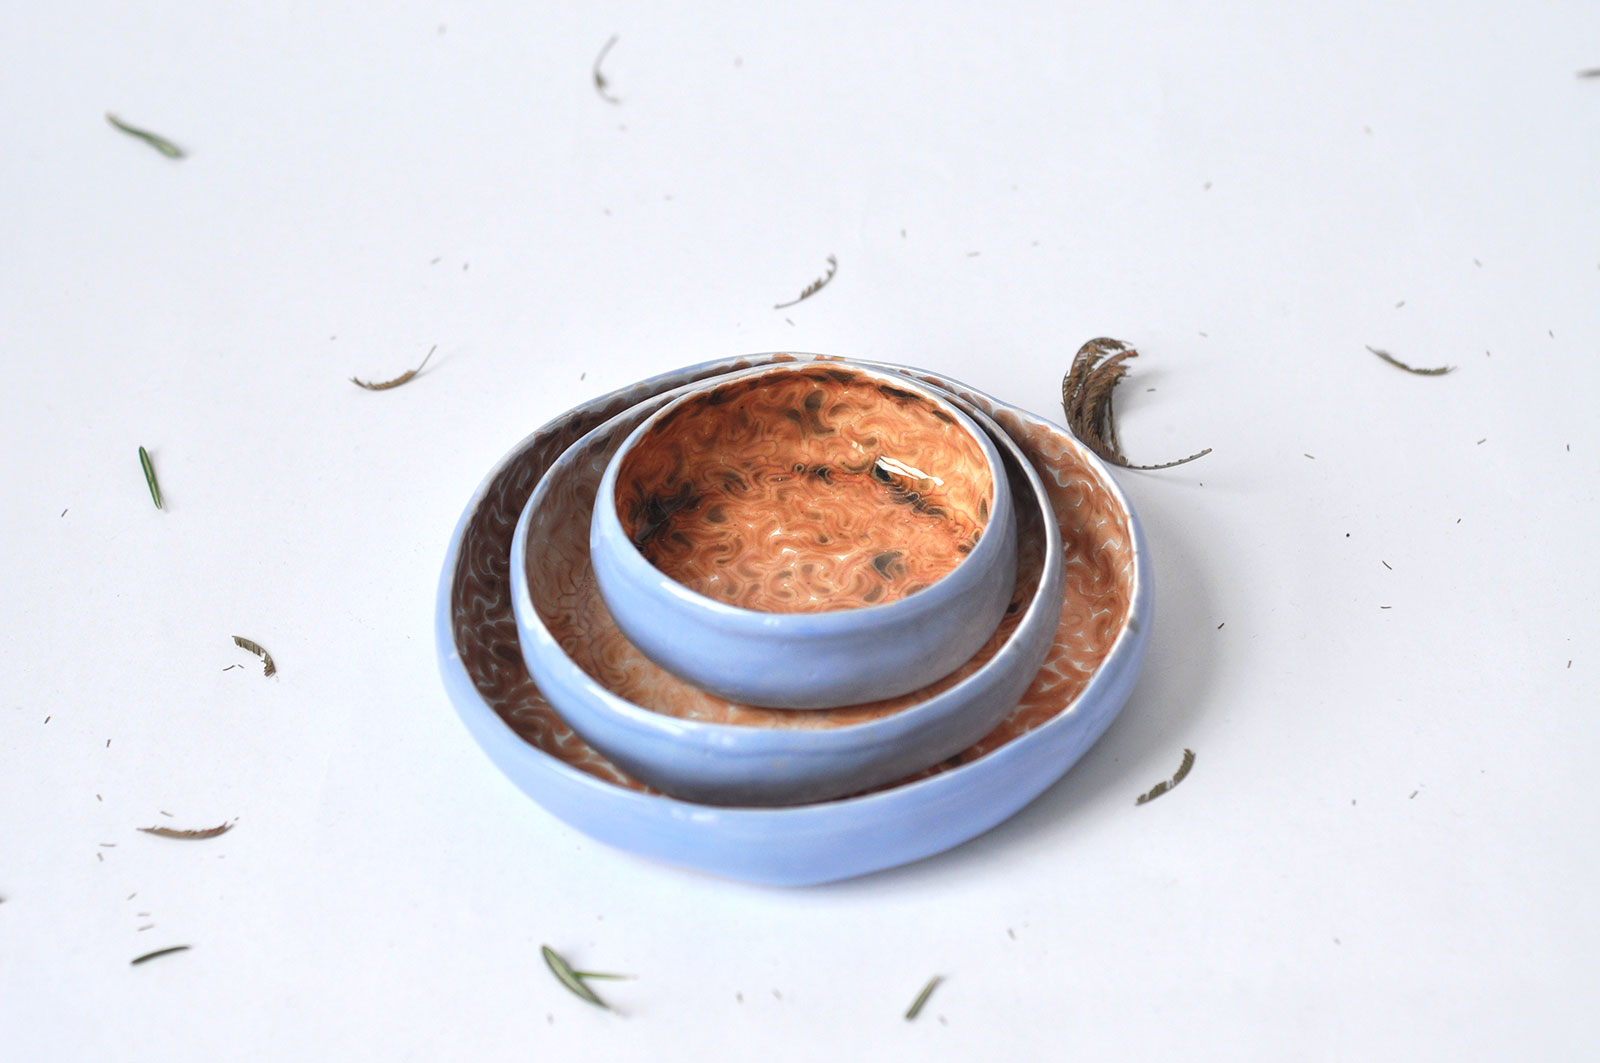 Декоративные керамические тарелки - Коллекция «Дежавю» (Ручная работа)